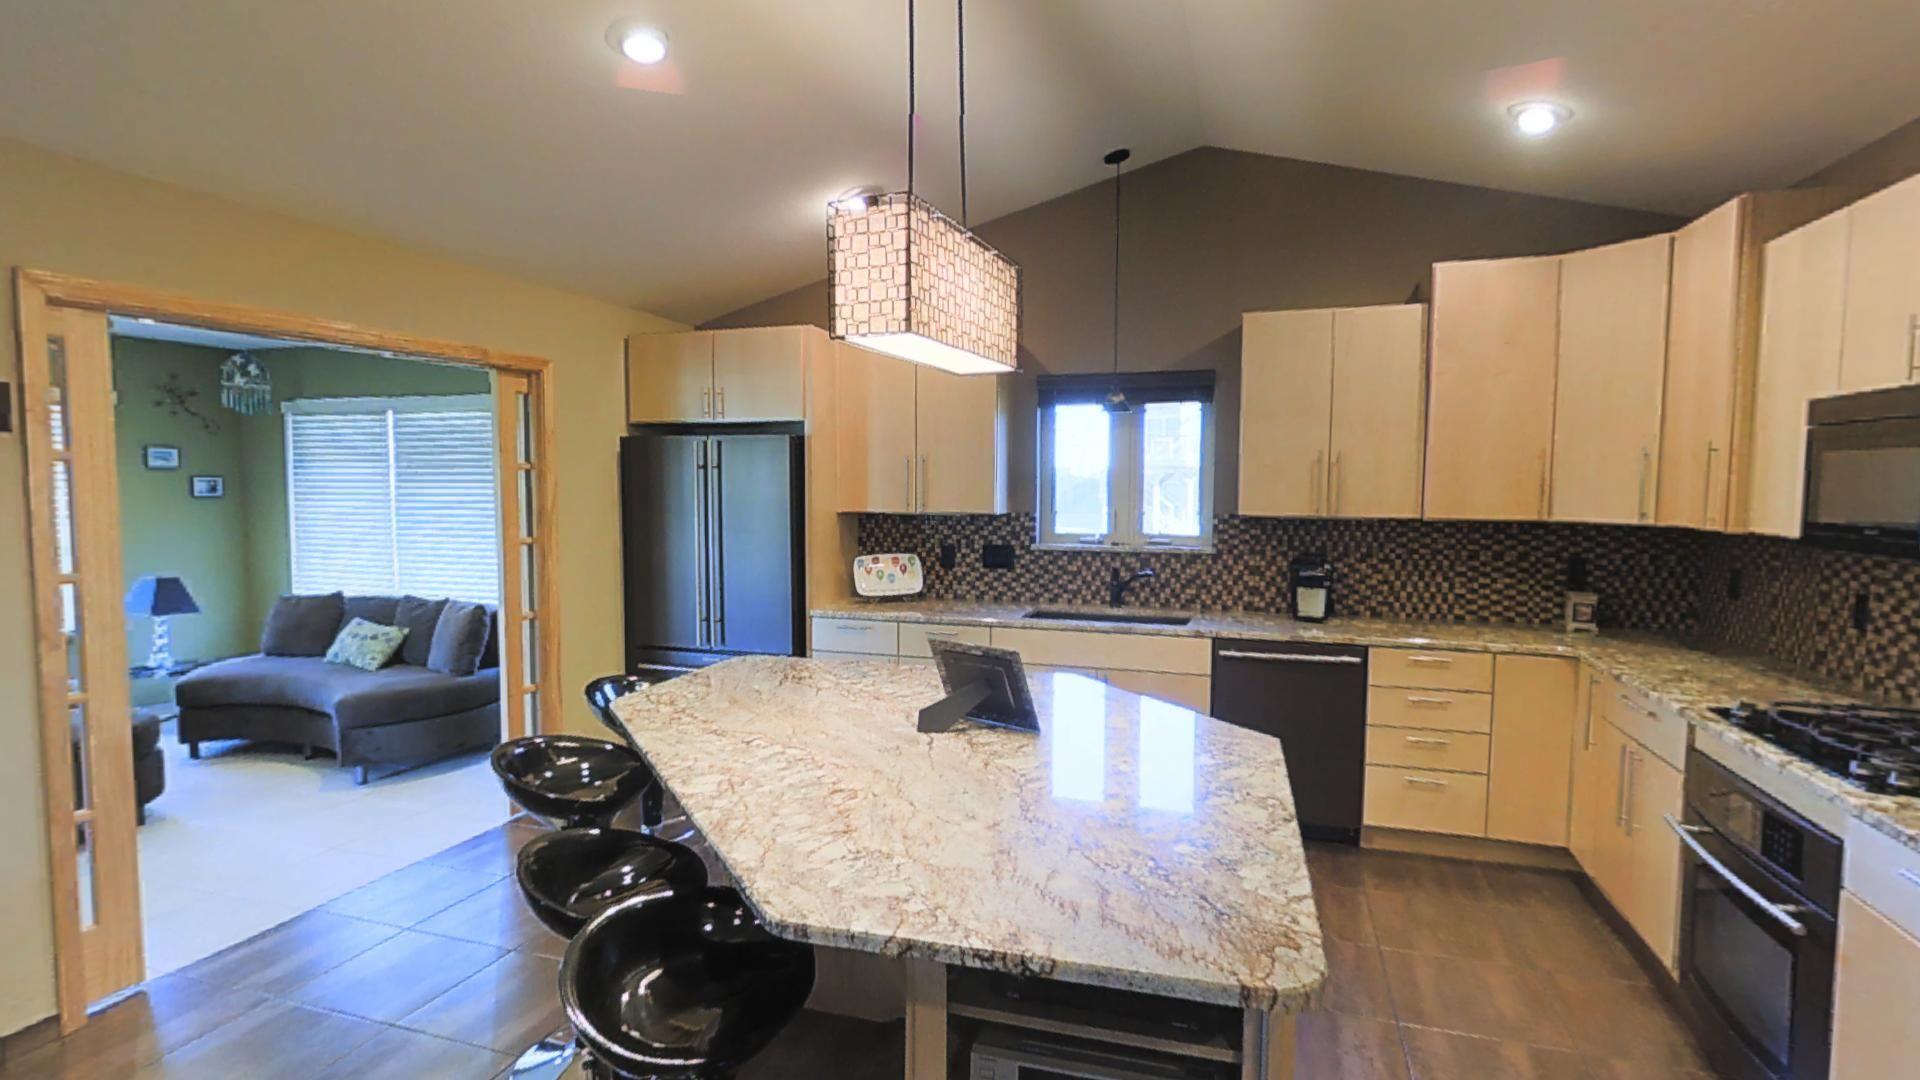 5309 Kirsten Curve Peoria Il Home Decor Kitchen Cabinets Peoria